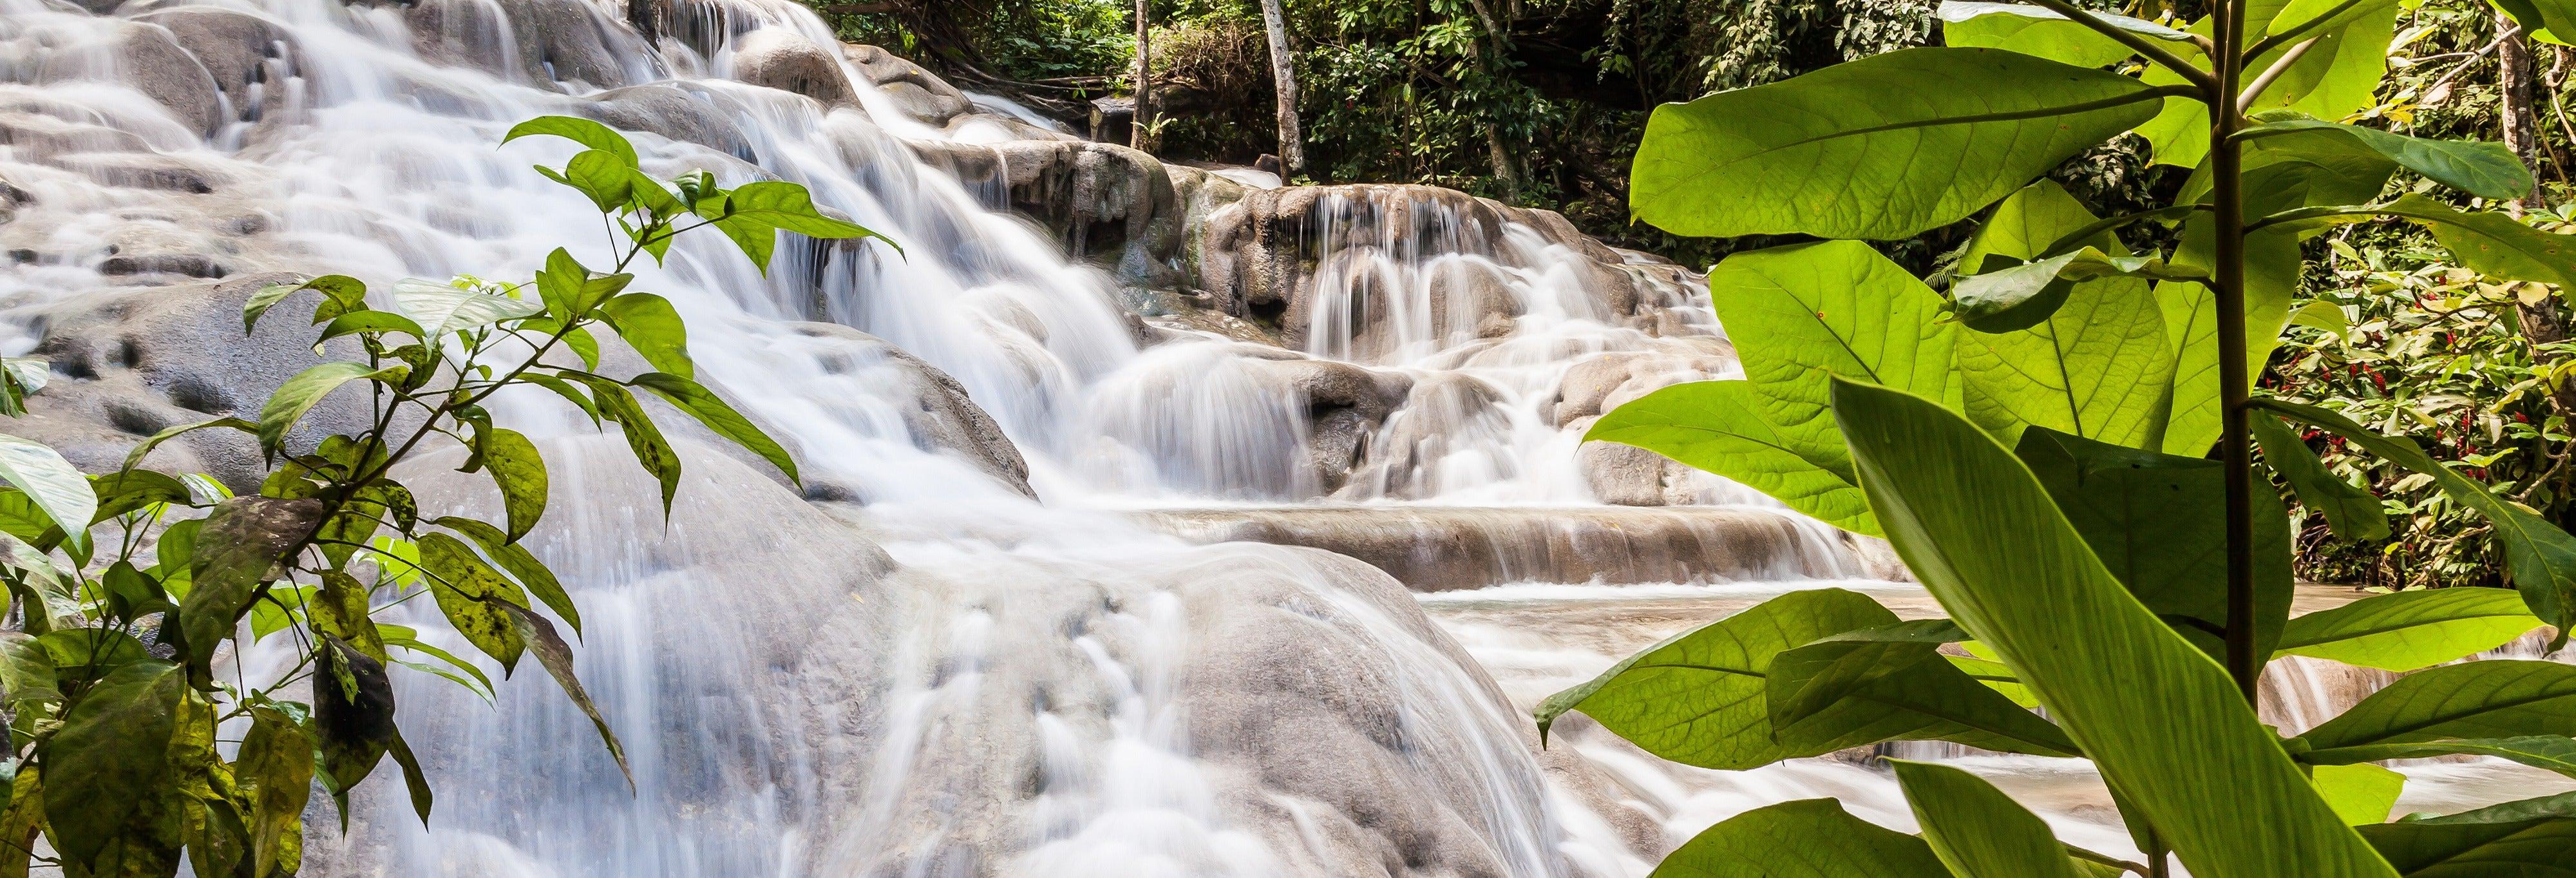 Excursión a las cascadas del río Dunn